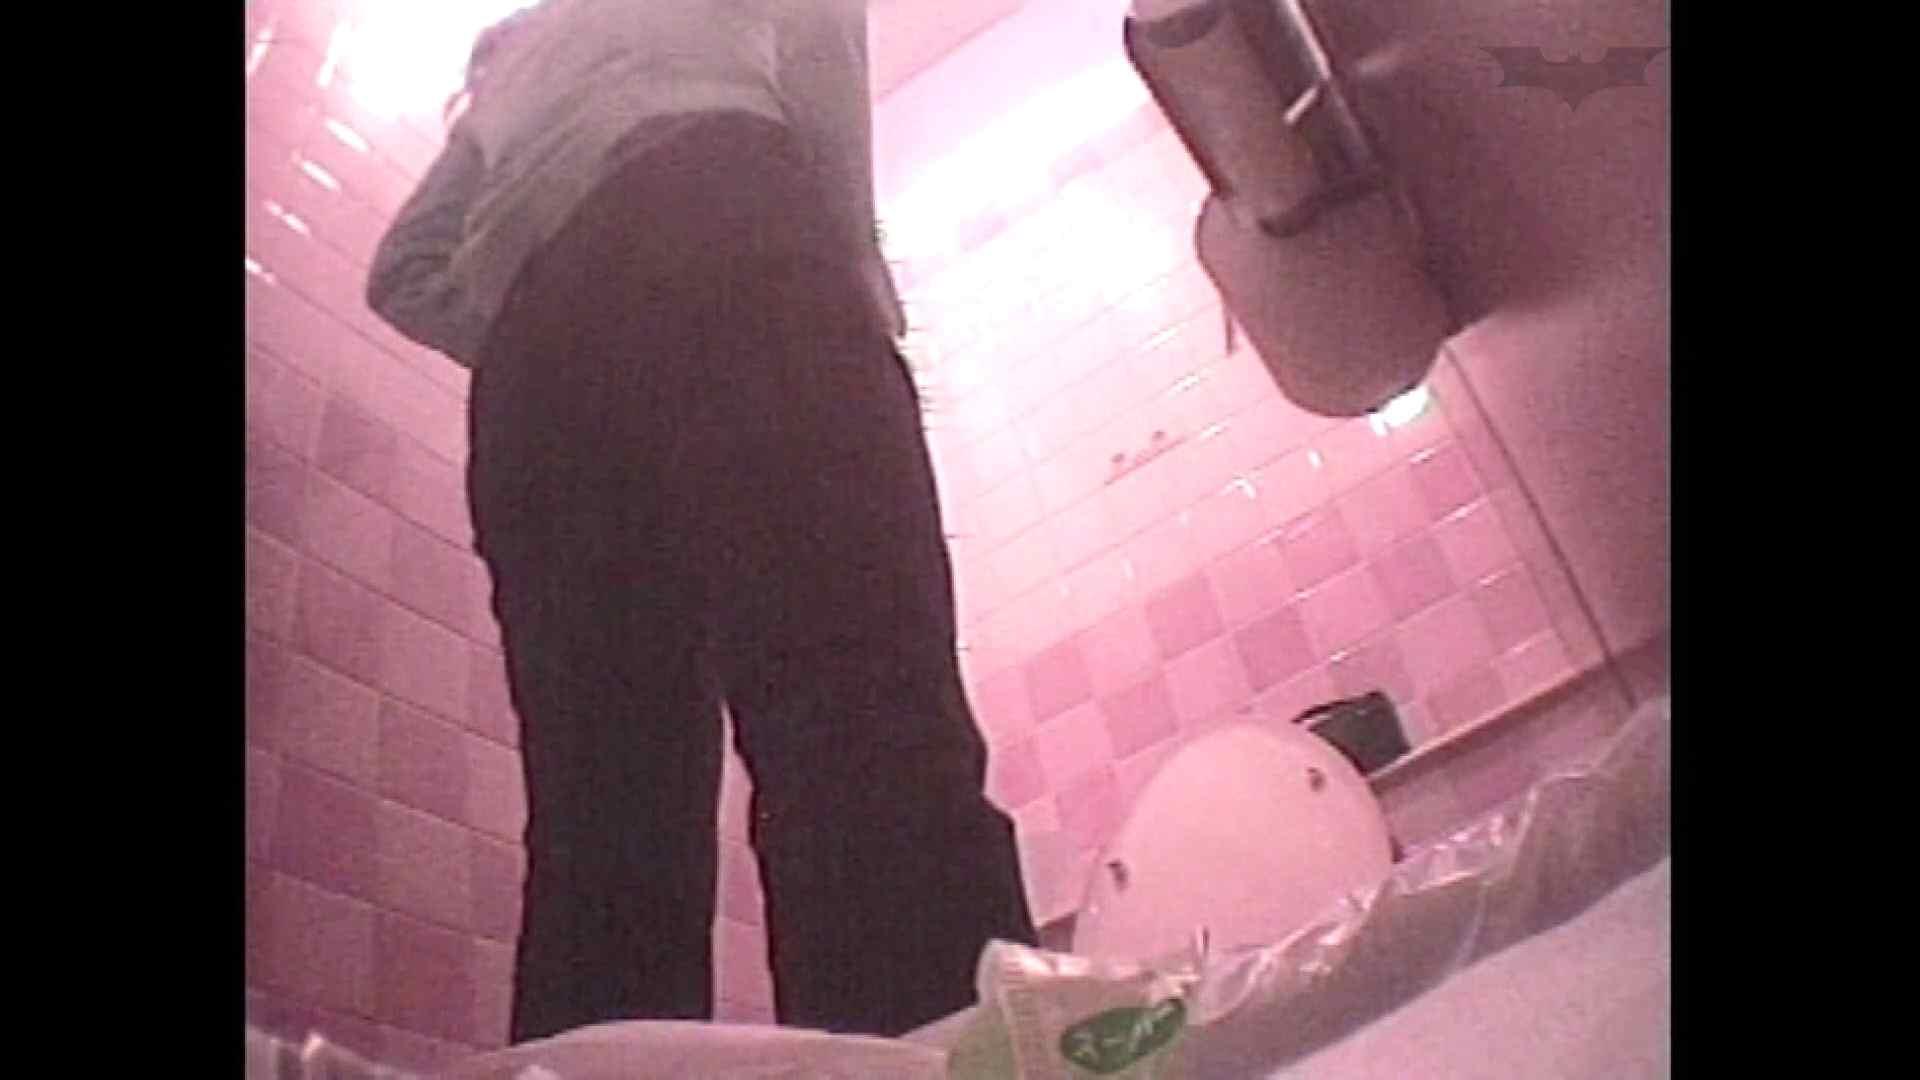 レース場での秘め事 Vol.03 洗面所のぞき セックス無修正動画無料 101枚 4